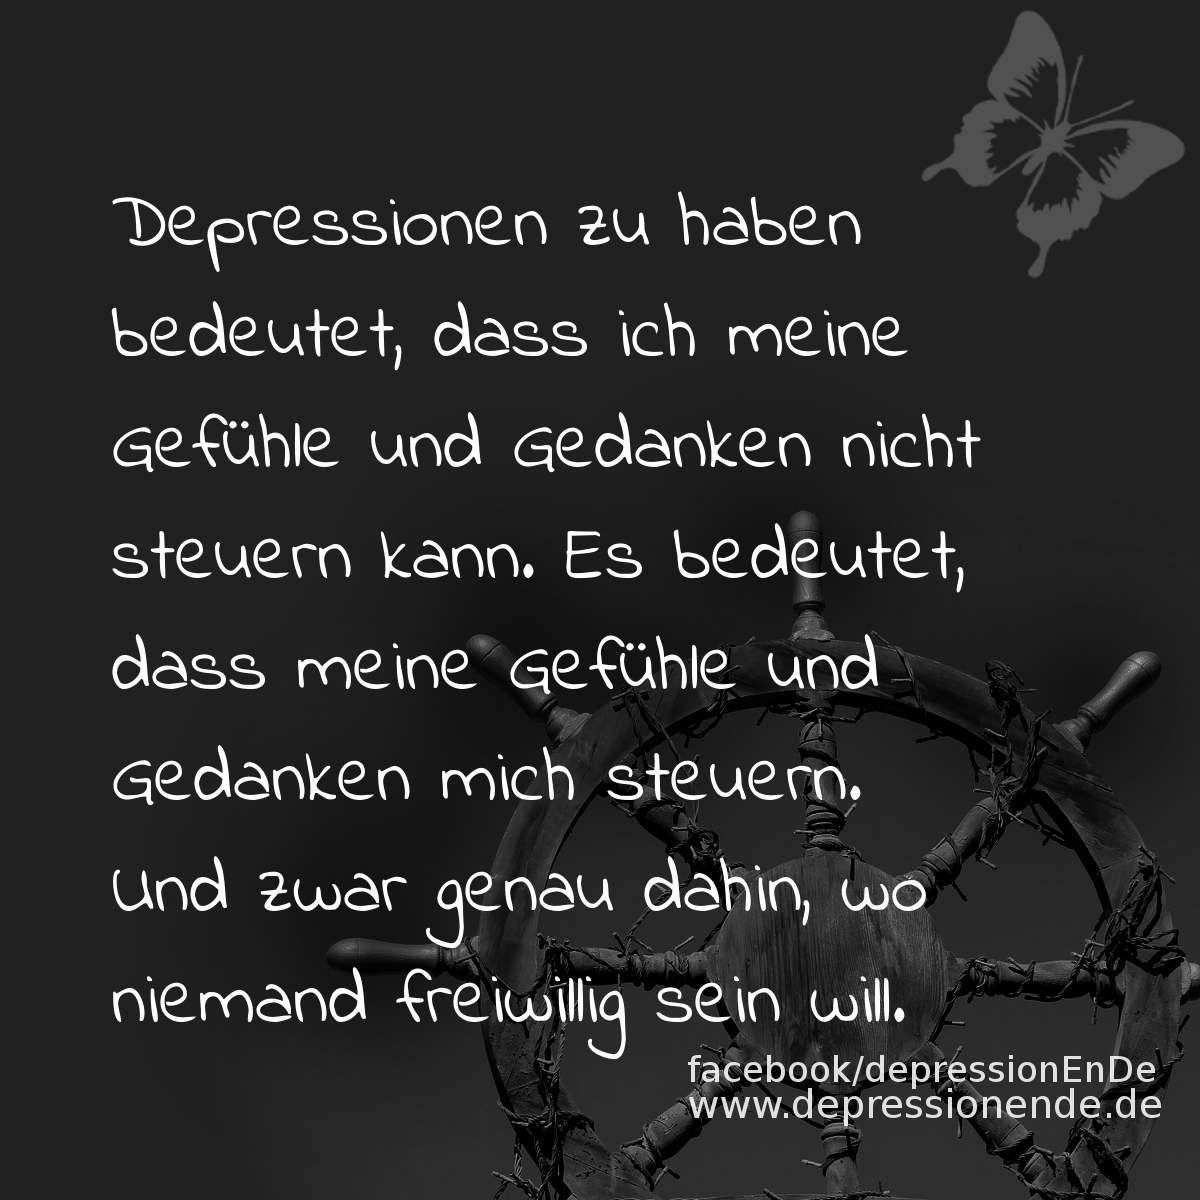 Spruchbild: Depressionen zu haben bedeutet, dass ich meine Gefühle und Gedanken nicht steuern kann. Es bedeutet, dass meine Gefühle und Gedanken mich steuern. Und zwar genau dahin, wo niemand freiwillig sein will.